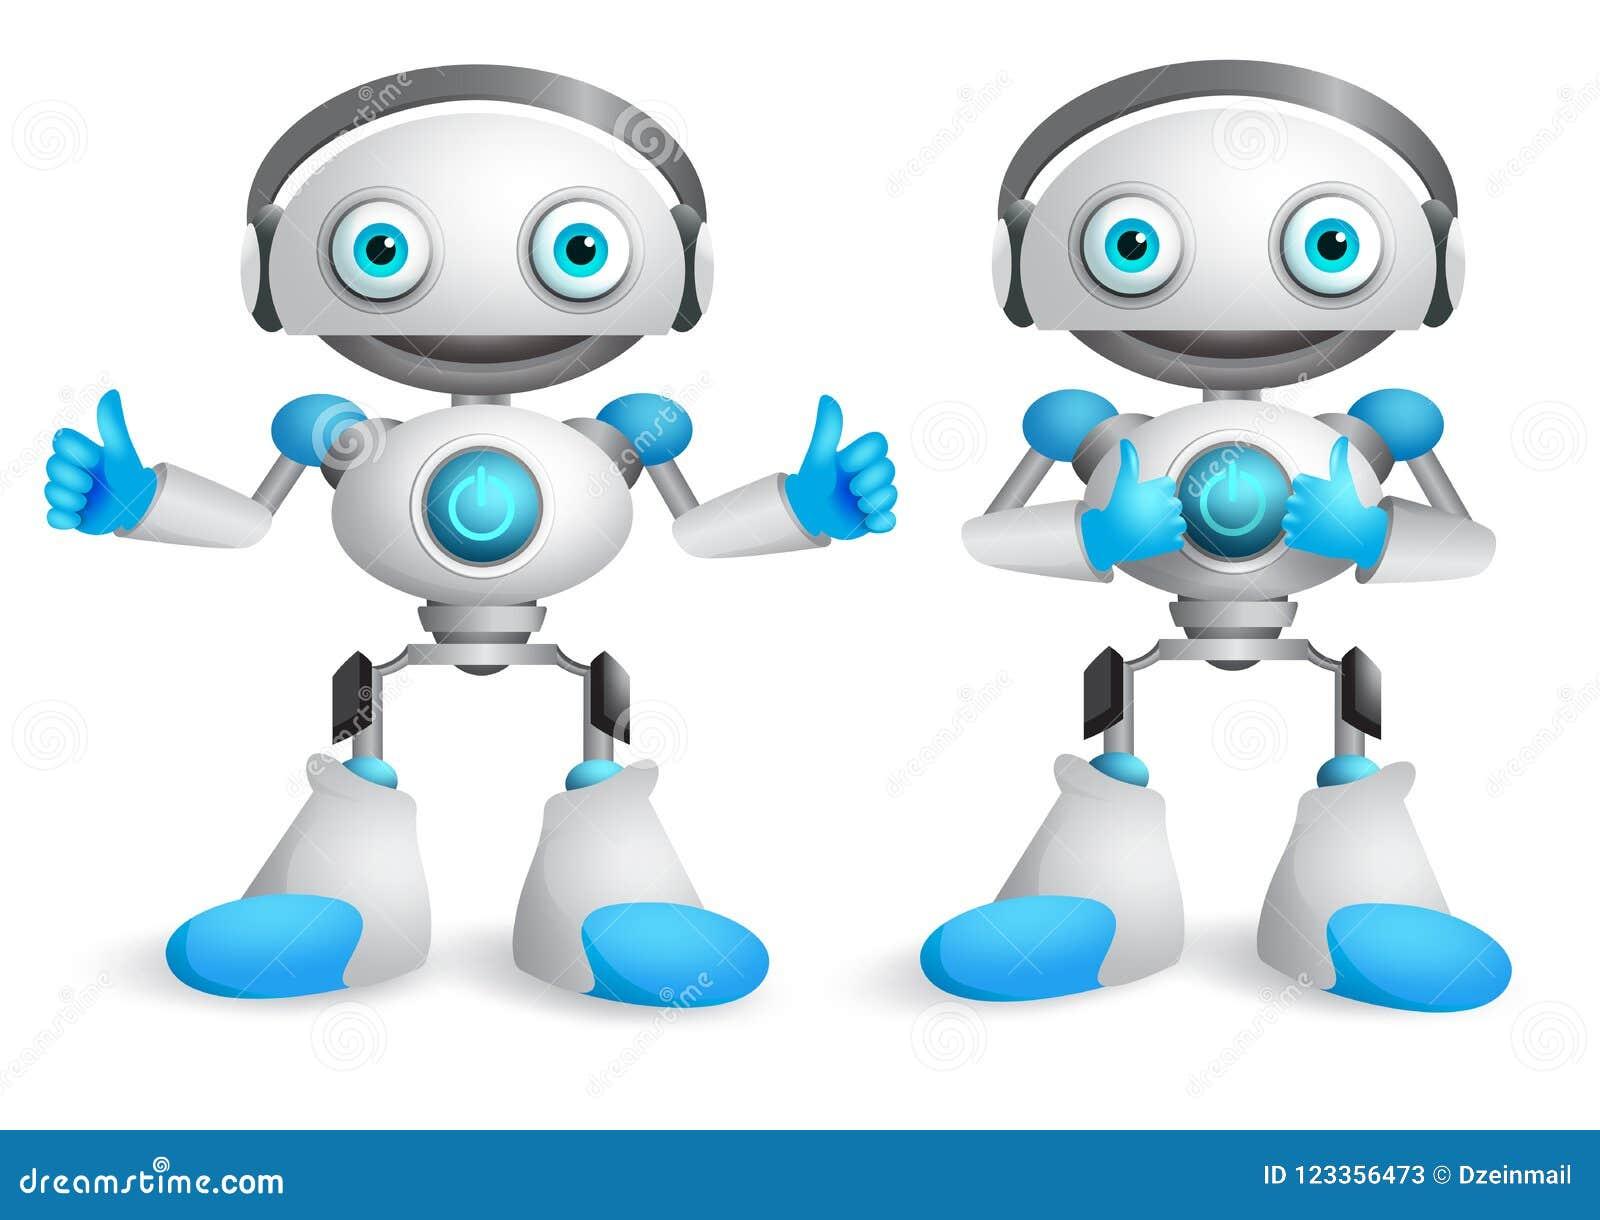 Διανυσματικός χαρακτήρας ρομπότ - σύνολο Αστείο στοιχείο σχεδίου ρομπότ μασκότ